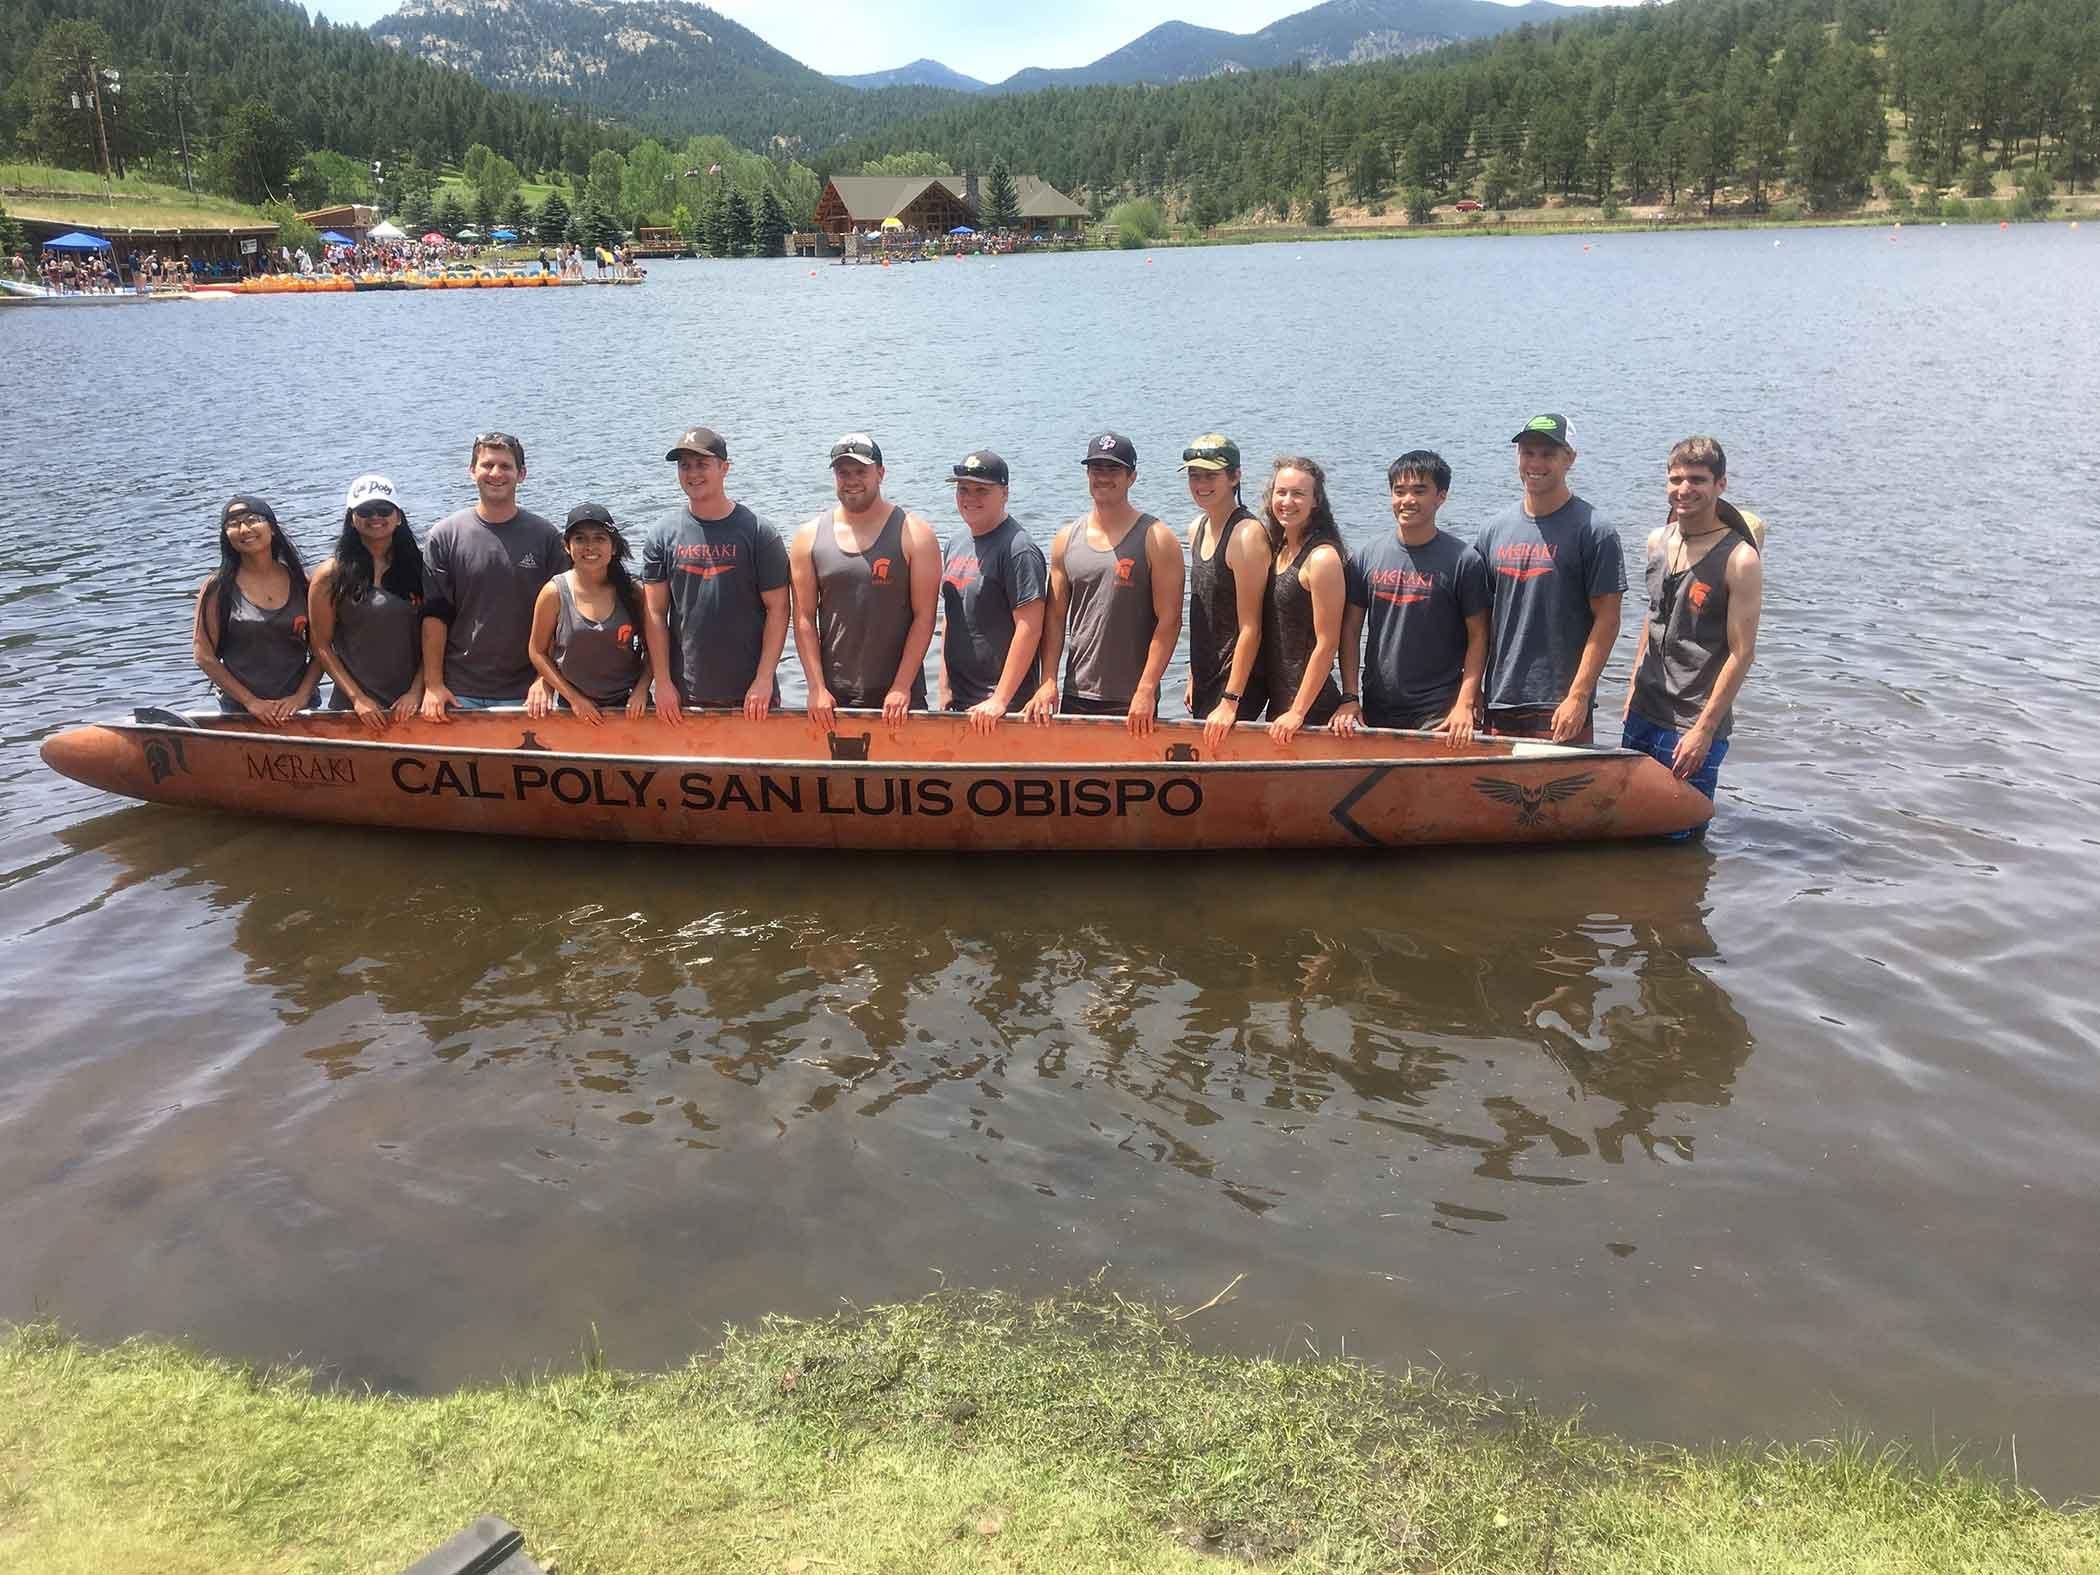 Cal Poly's 2017 canoe team. (Photo courtesy Cal Poly)